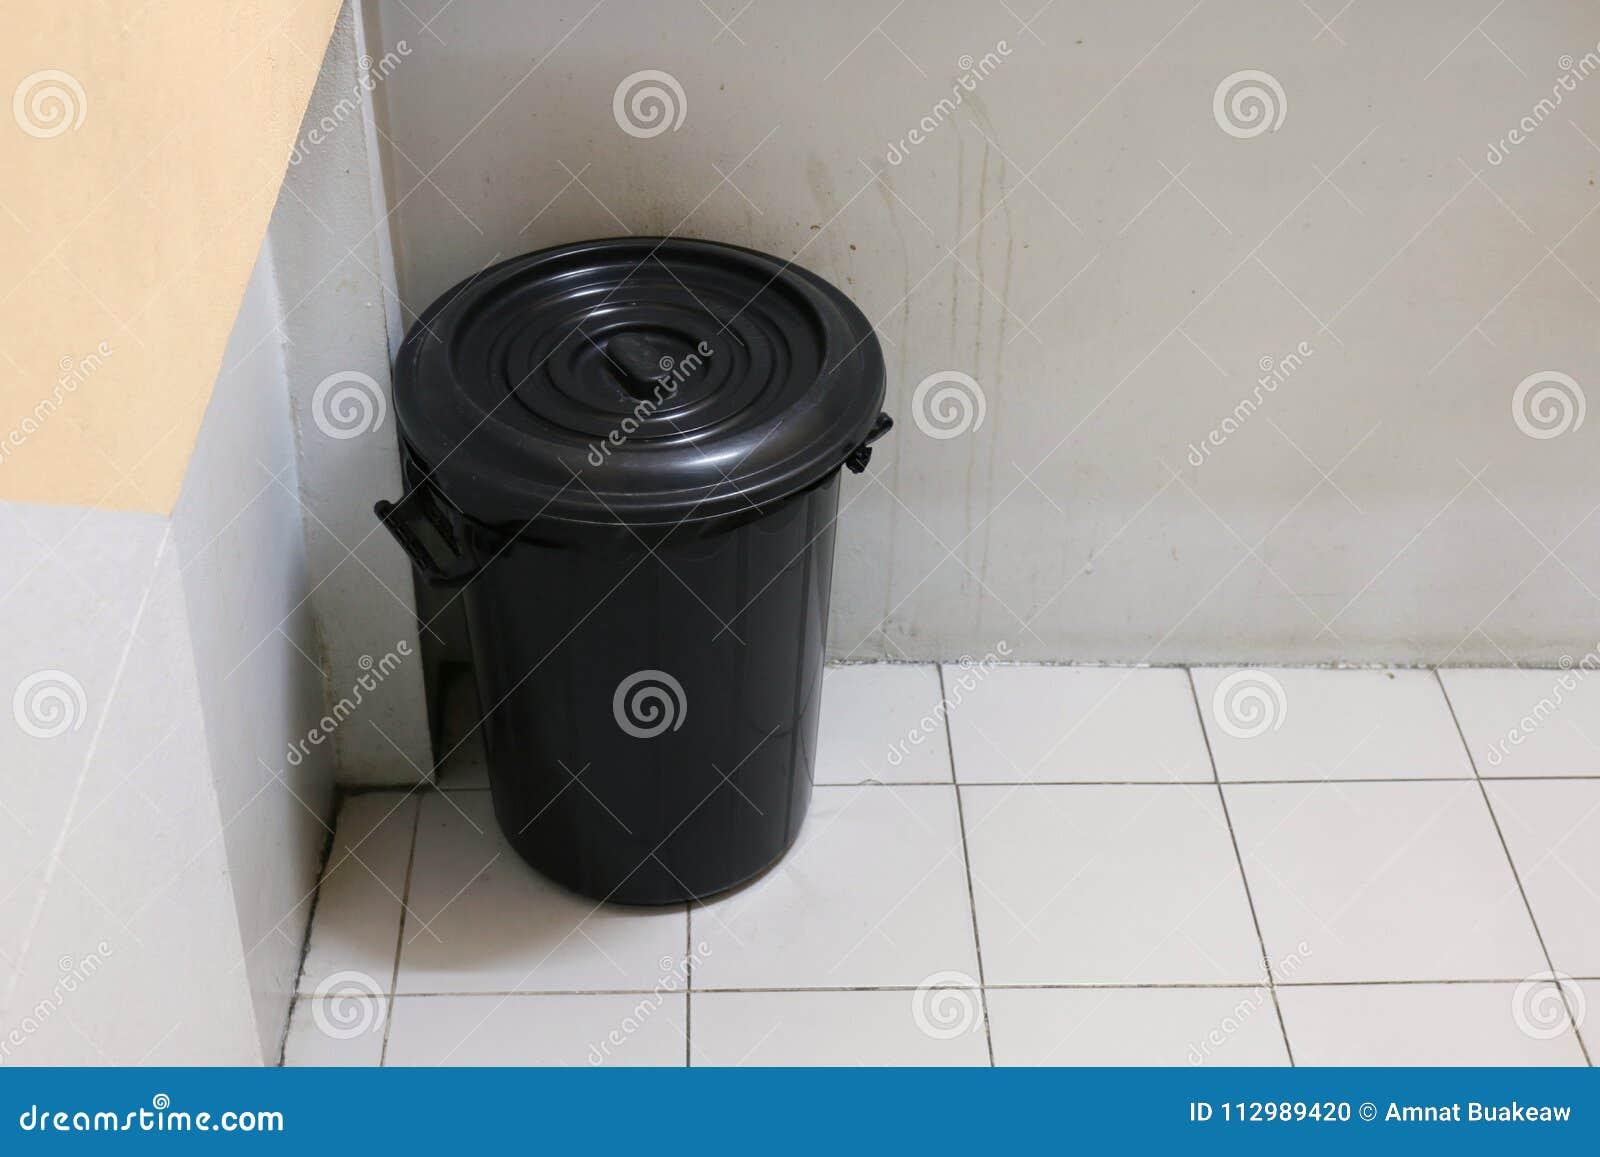 Bin, Bin close, Trash bag black empty, Trash on sidewalks, Trash staircase, Trash in apartment